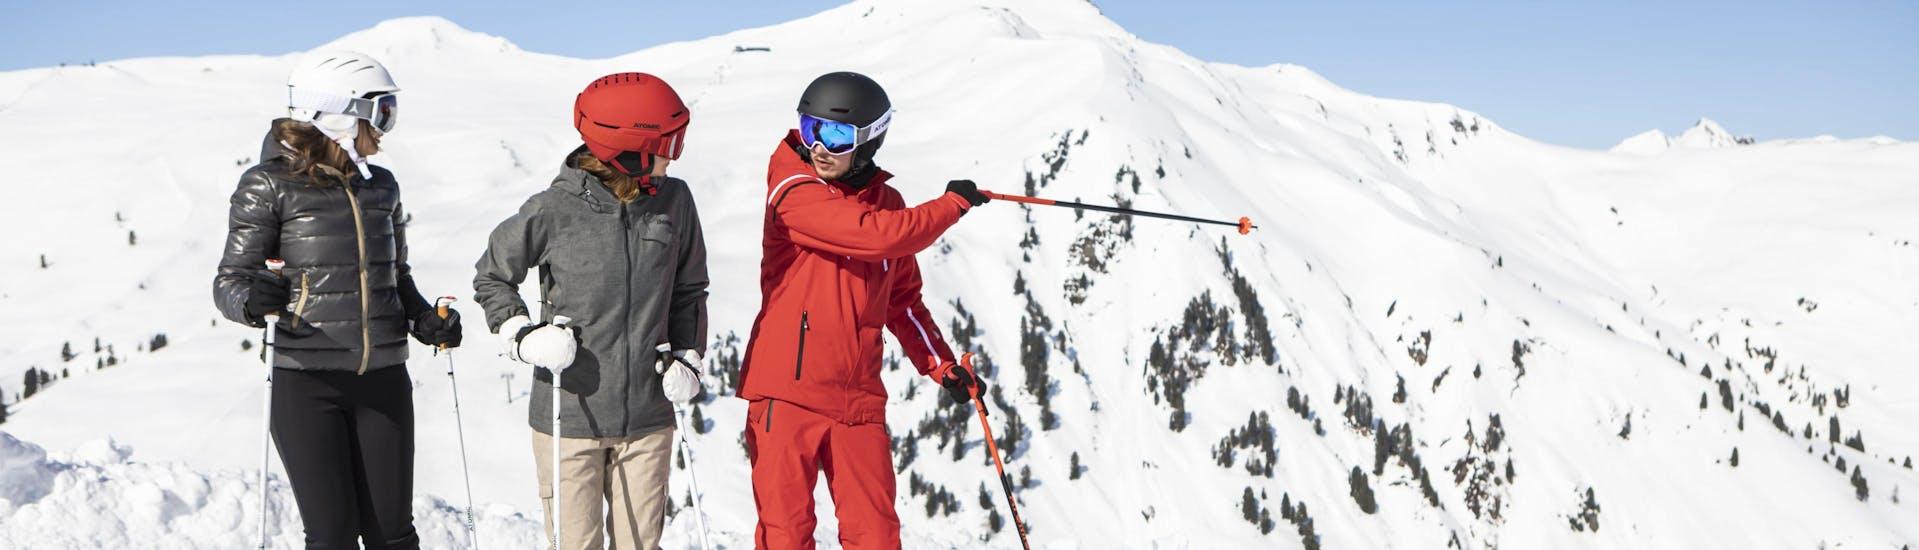 Un moniteur de ski est photographié avec deux étudiantes pendant leurs cours de ski.